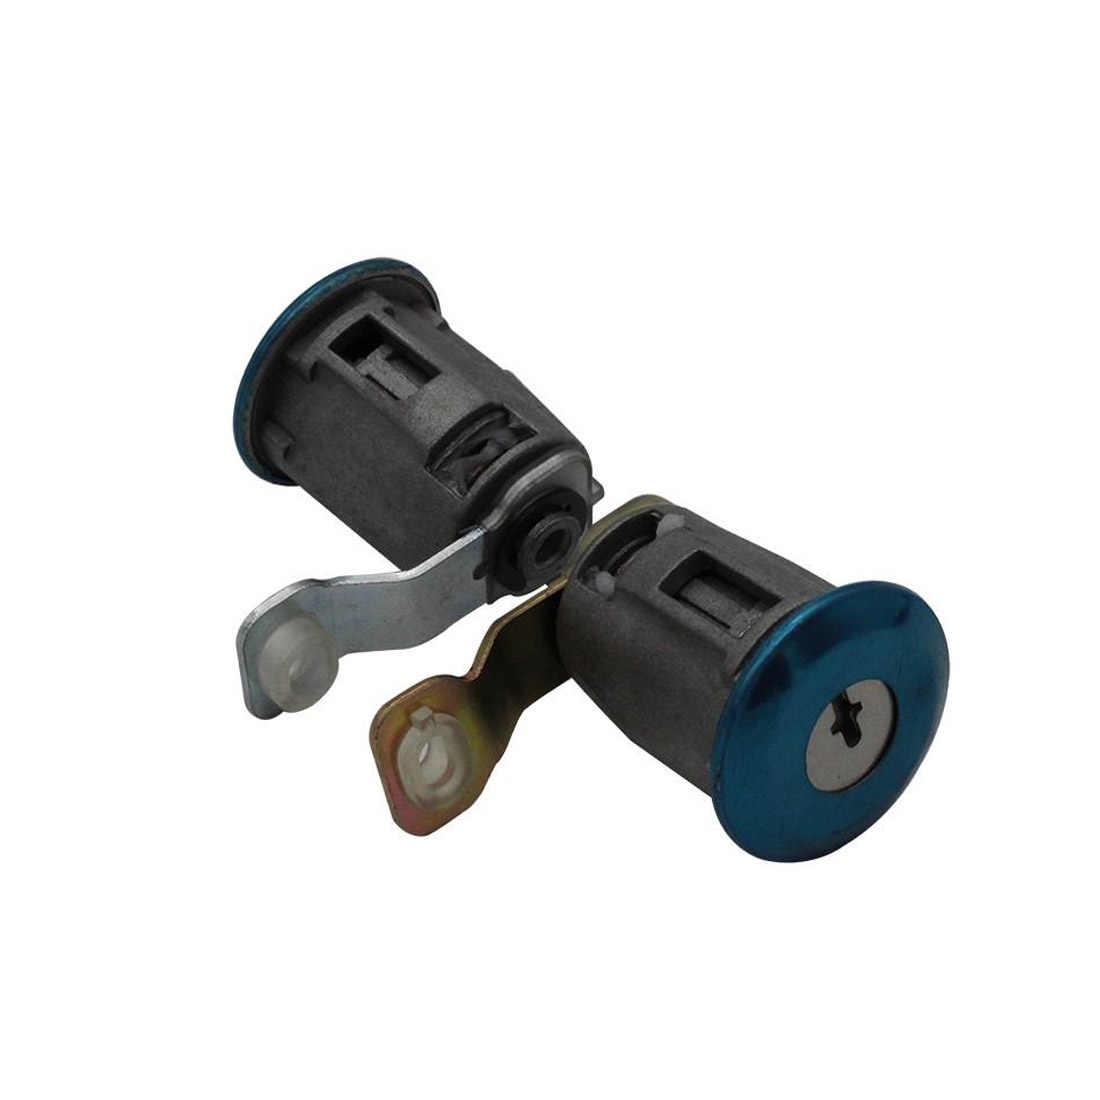 Cilindro de la cerradura de la puerta del coche con 2 llaves accesorios de diseño del coche para el socio Peugeot Citroen Berlingo Xsara-Xsara Picasso